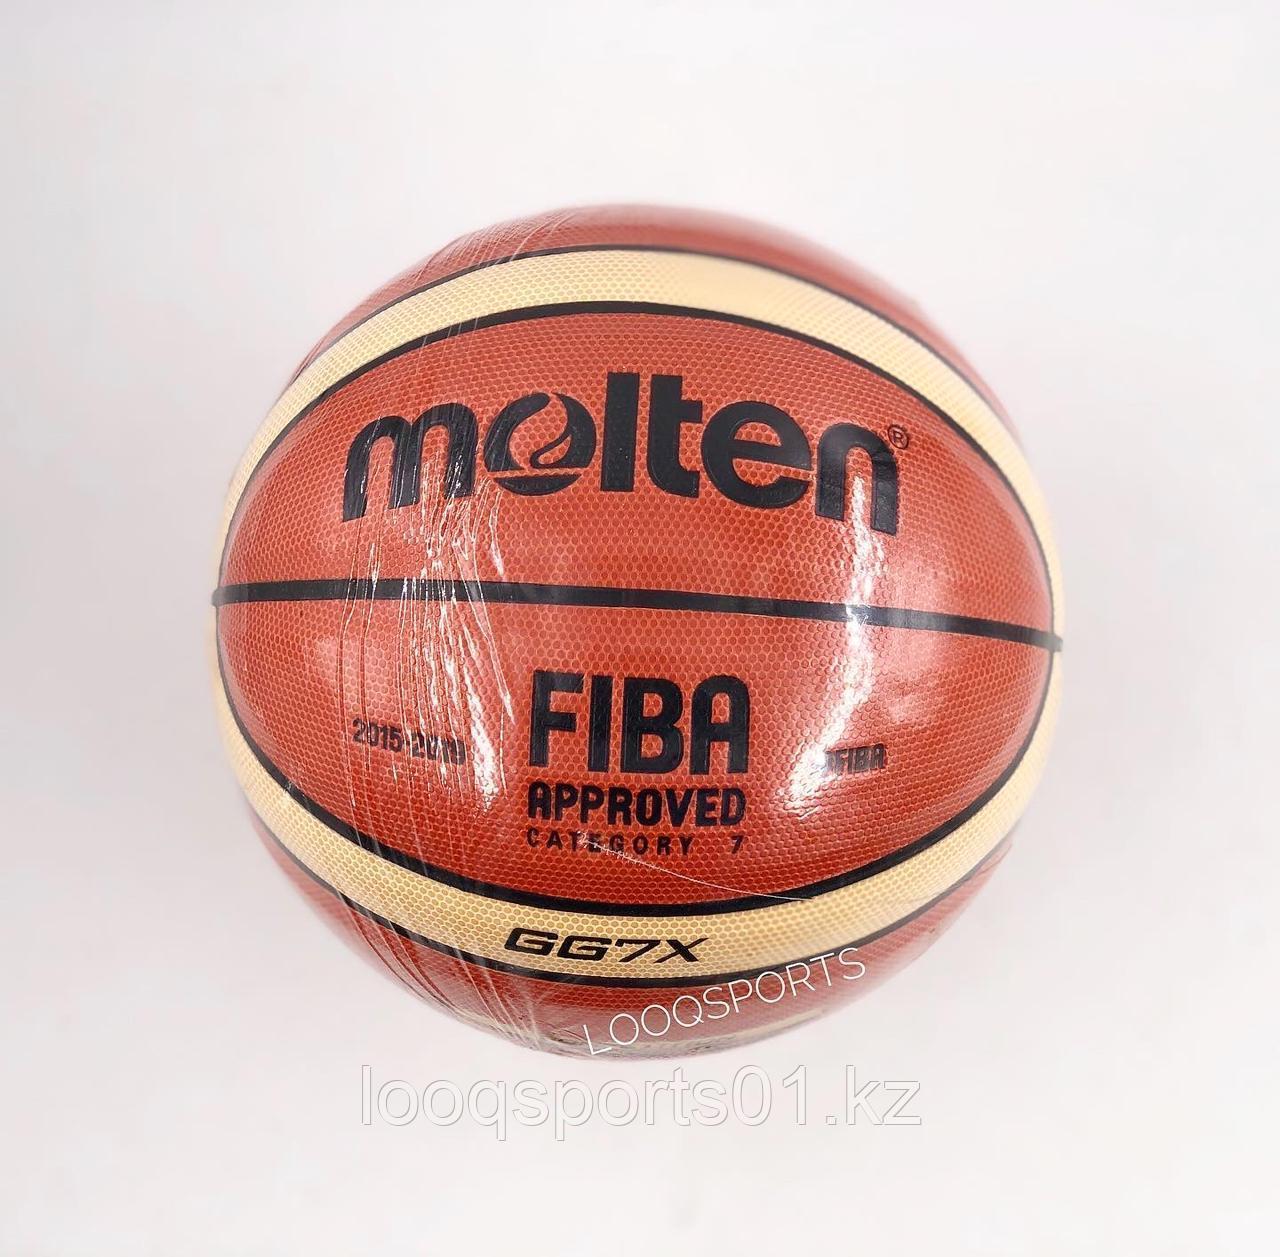 Баскетбольный мяч Molten FIBA GG7X